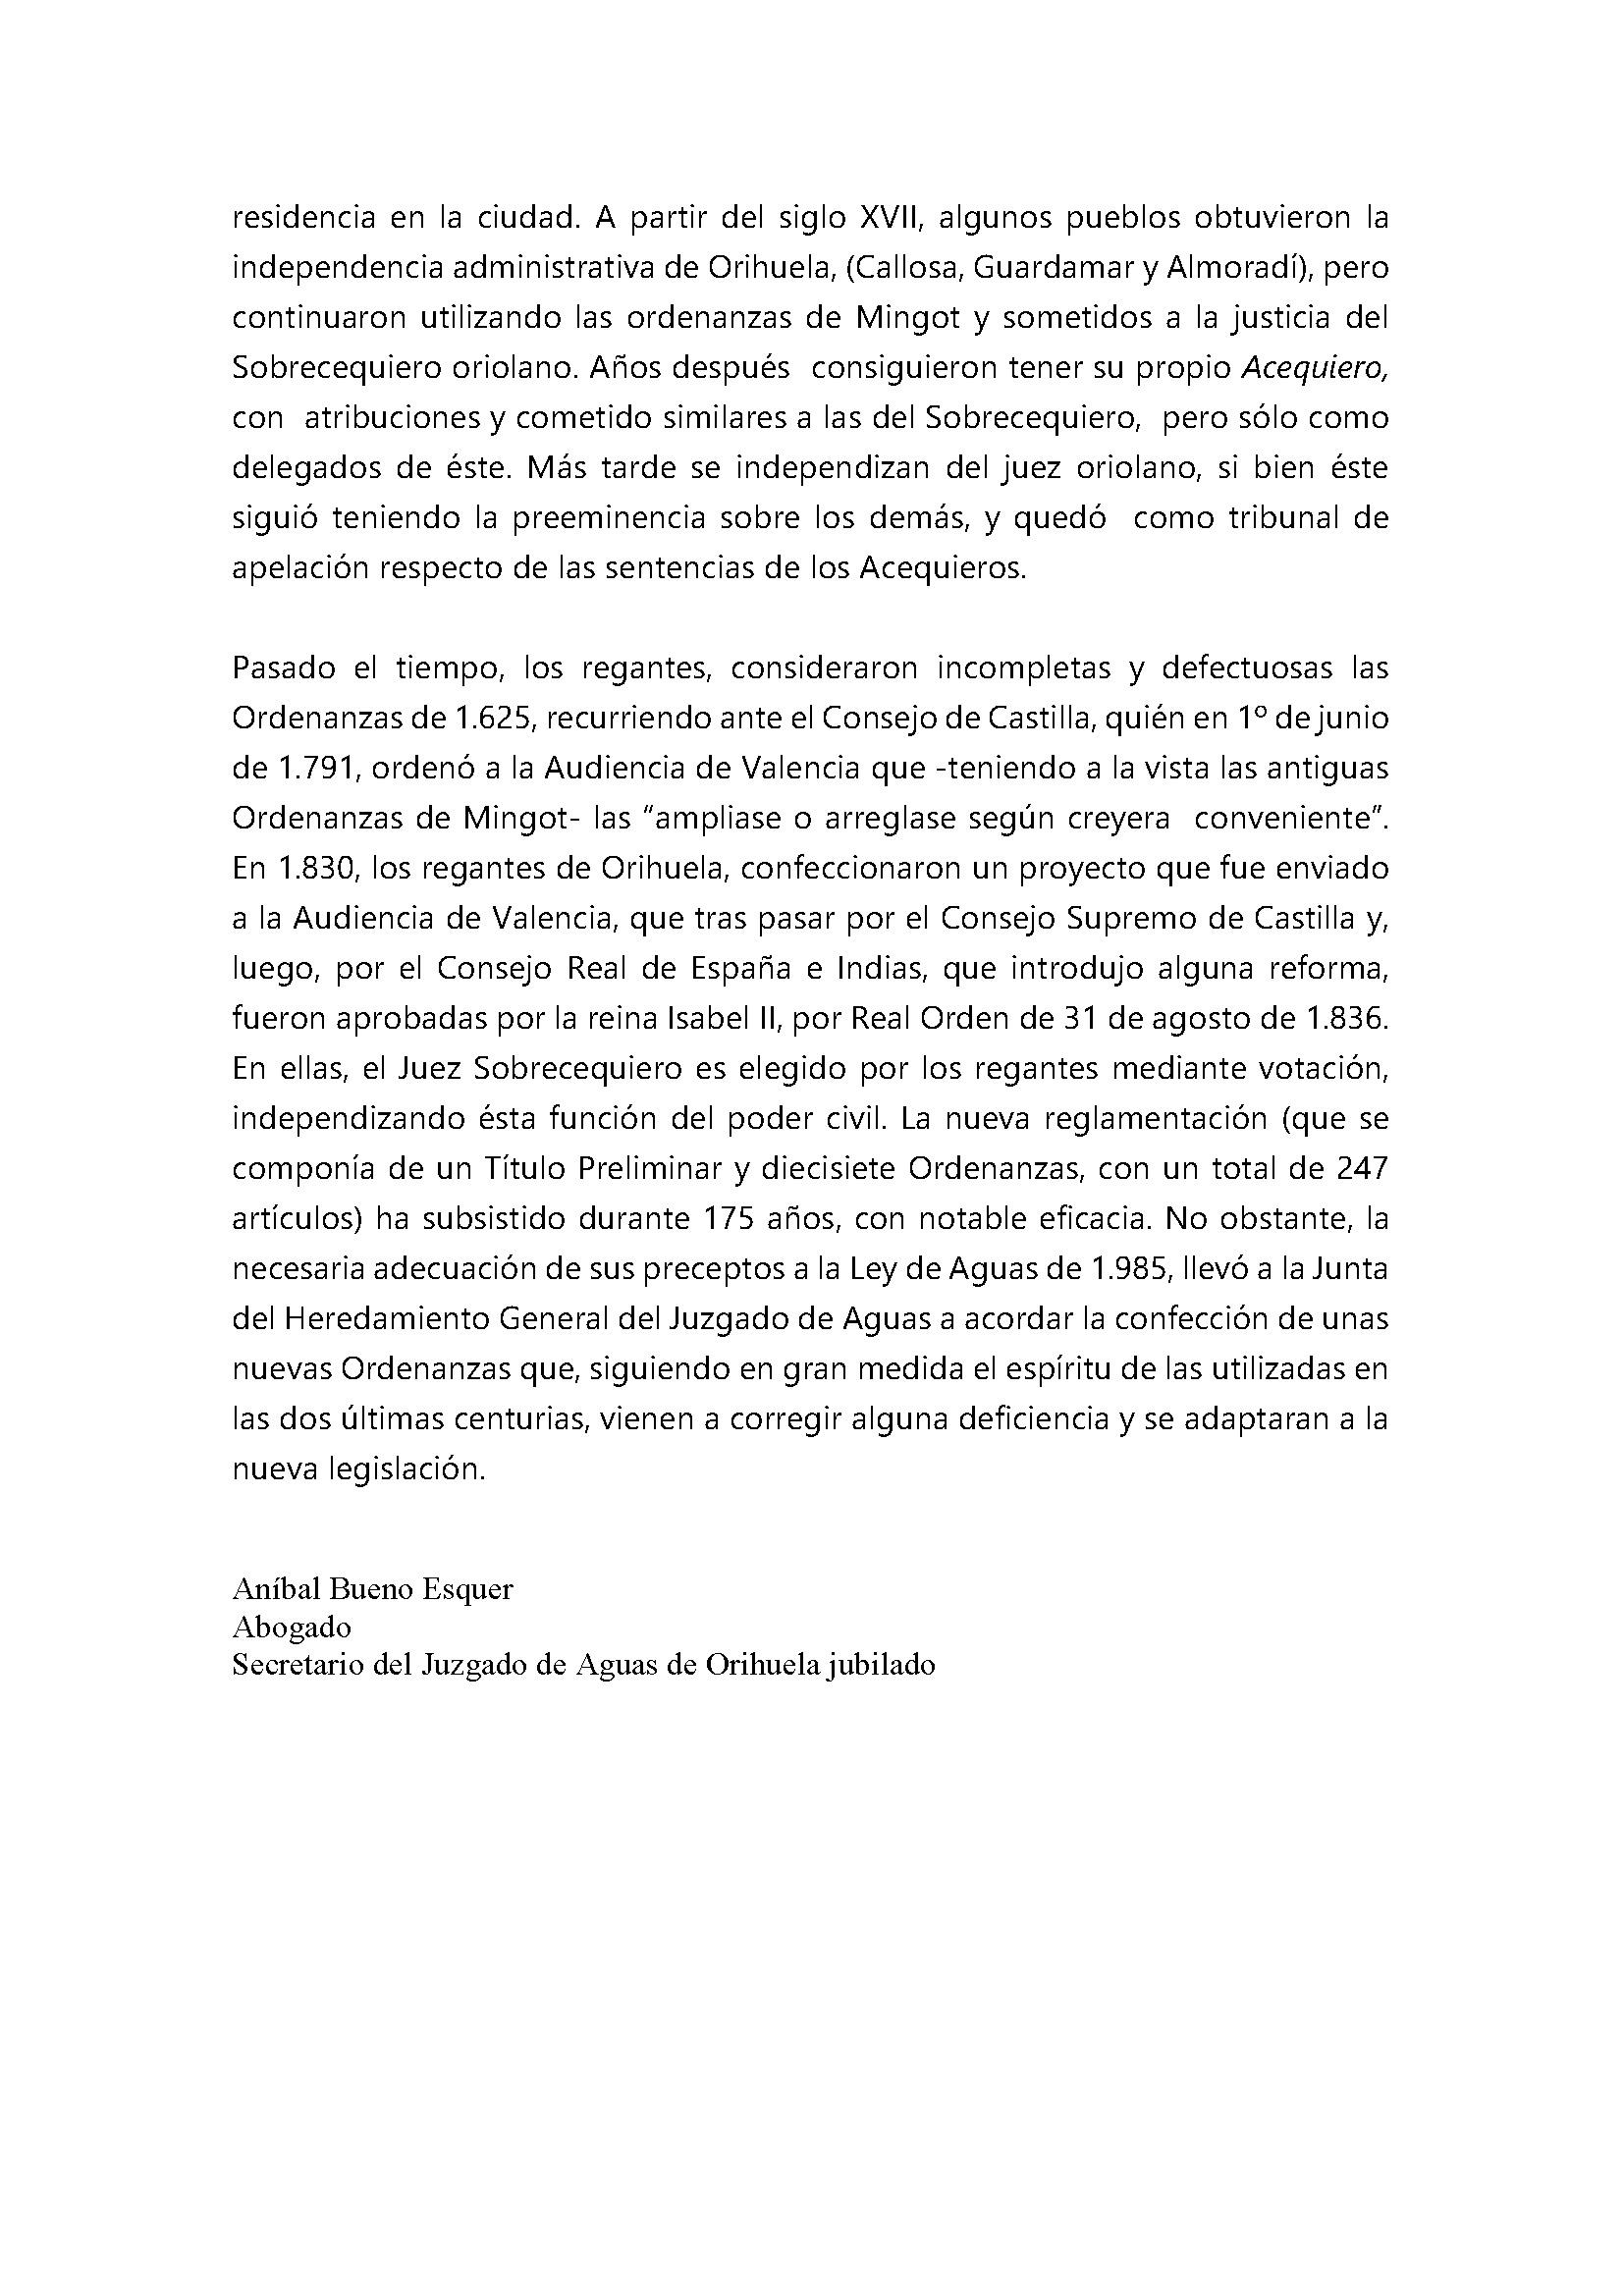 Breve noticia histórica sobre la normativa reguladora del regadío en el Juzgado de Aguas de Orihuela_Página_7